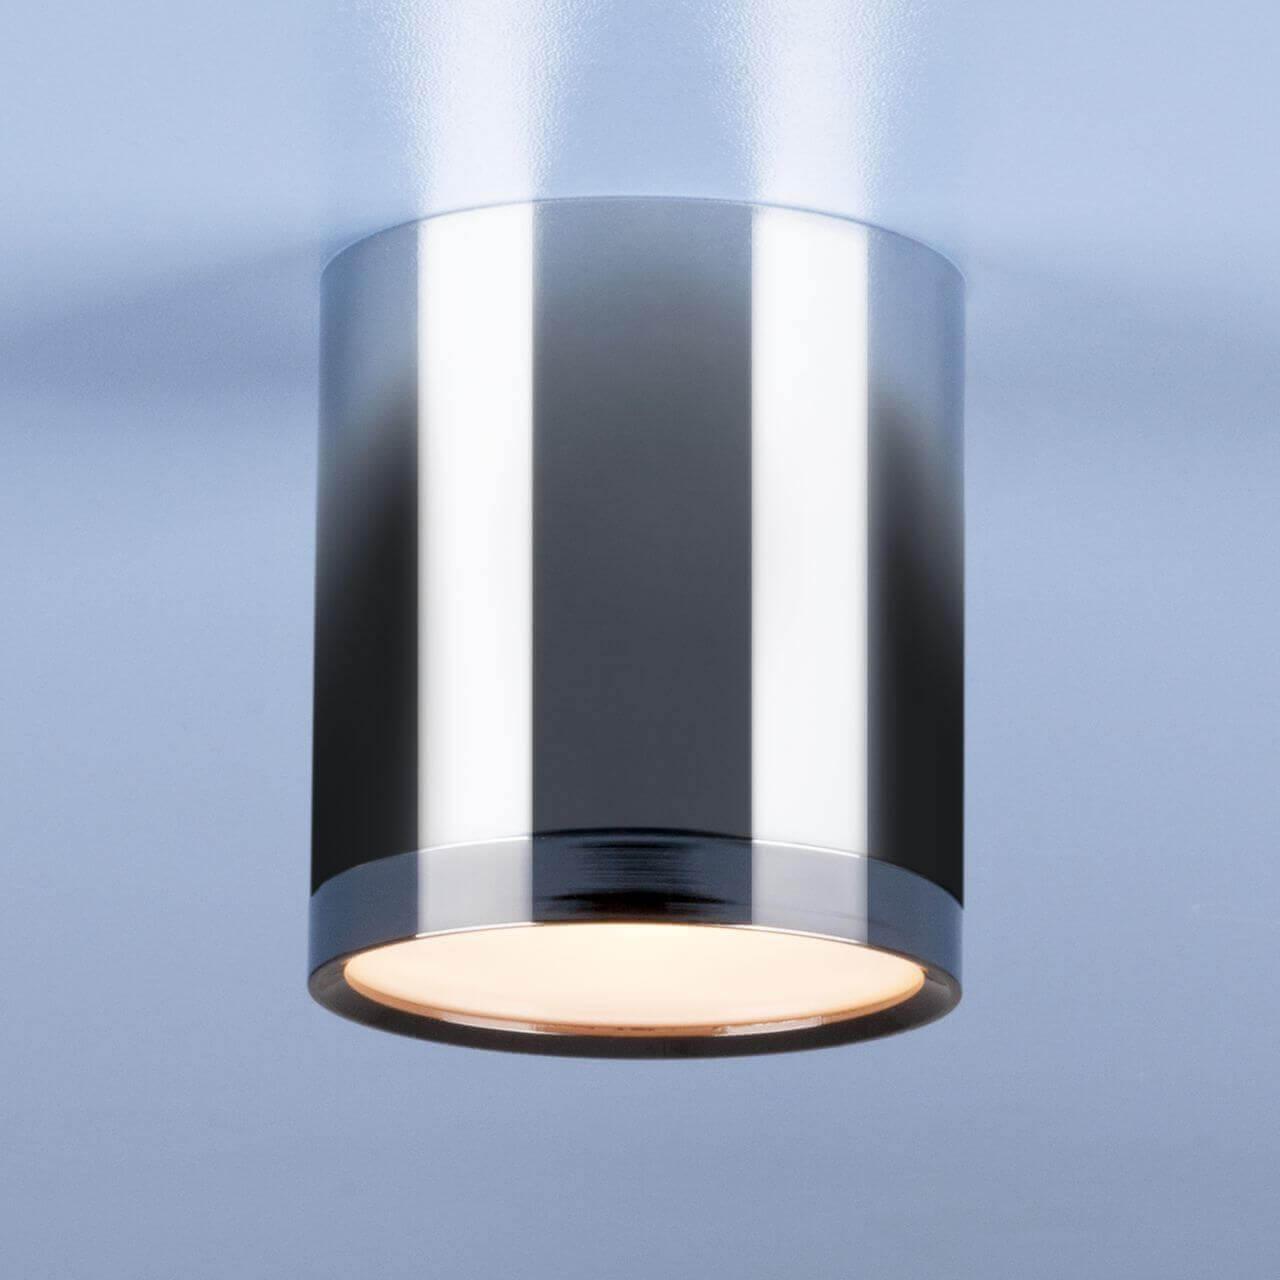 Потолочный светодиодный светильник Elektrostandard DLR024 6W 4200K хром/черный хром 4690389121968 цена